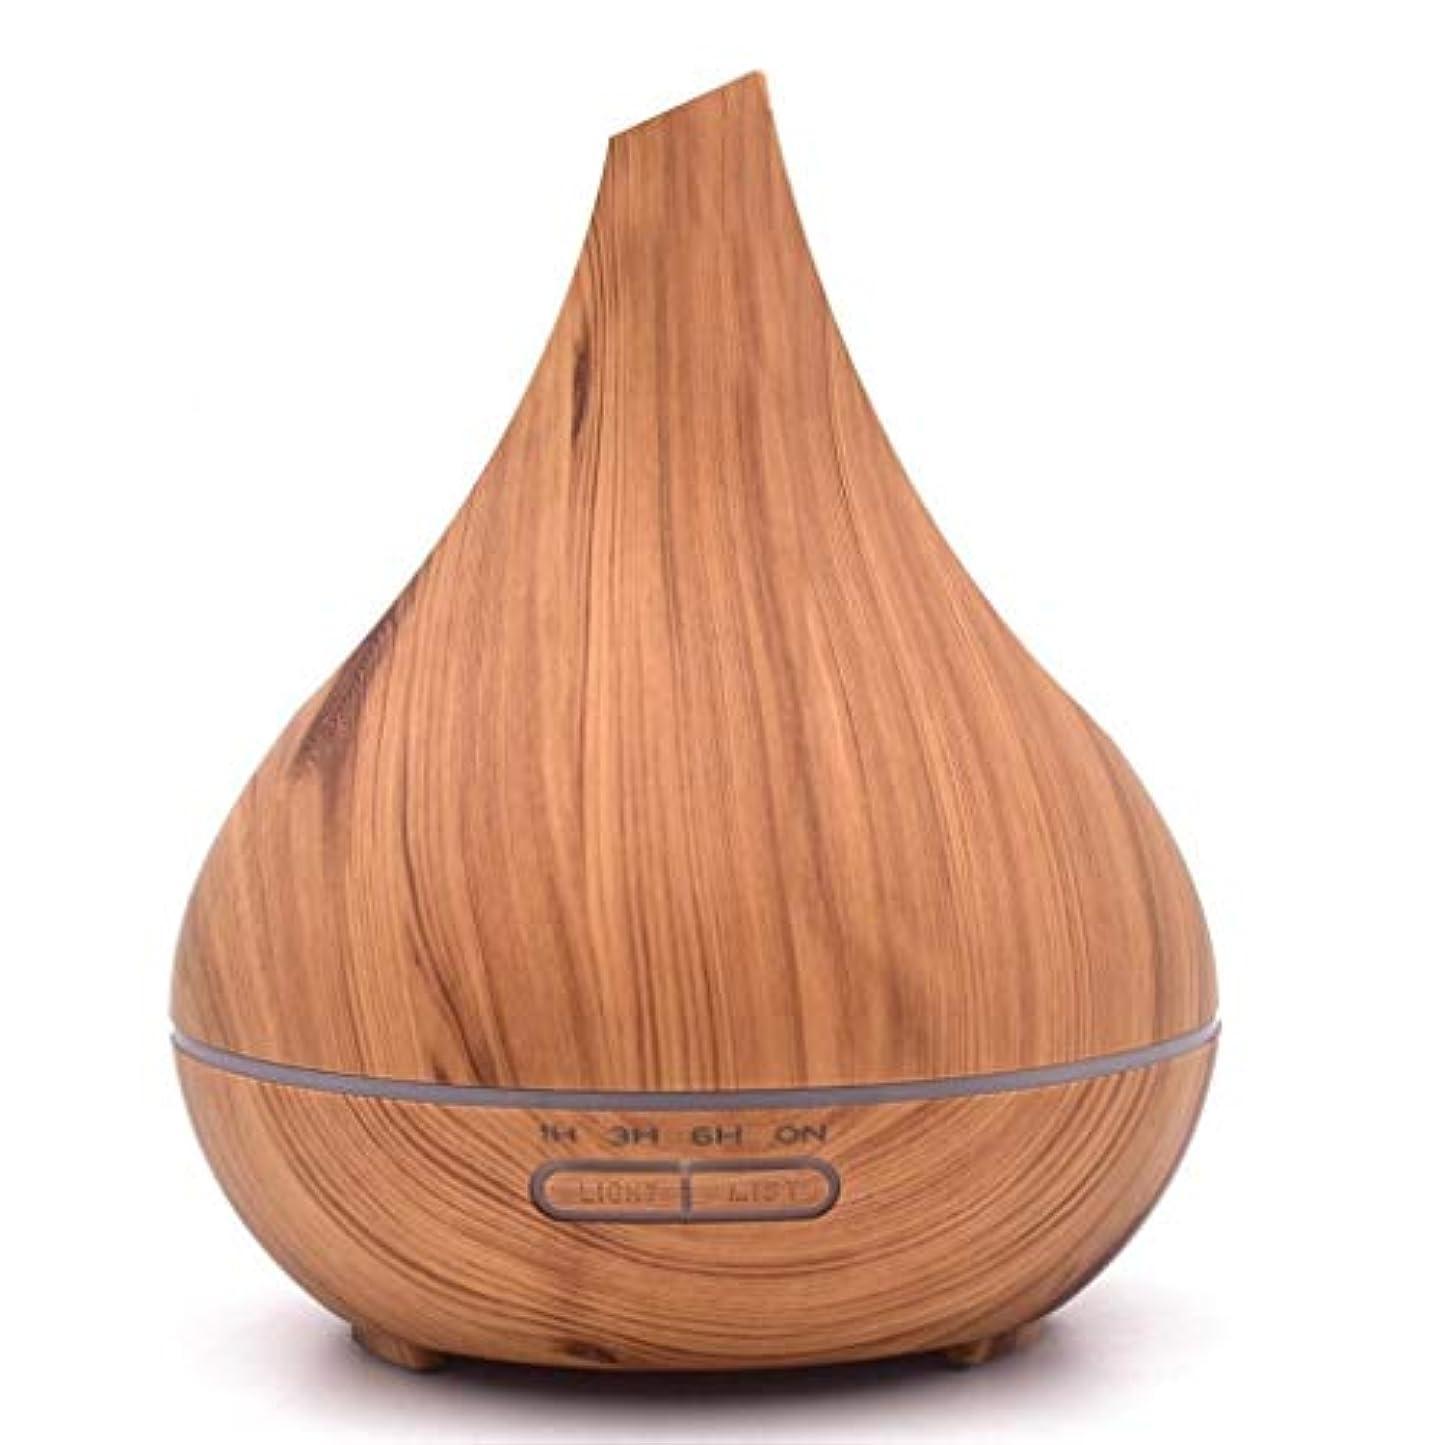 400ミリリットルエッセンシャルオイルディフューザーアロマセラピーささやき静かな操作水なし電源オフ用オフィスホームヨガスパギフト用女性 (Color : Light Wood Grain)